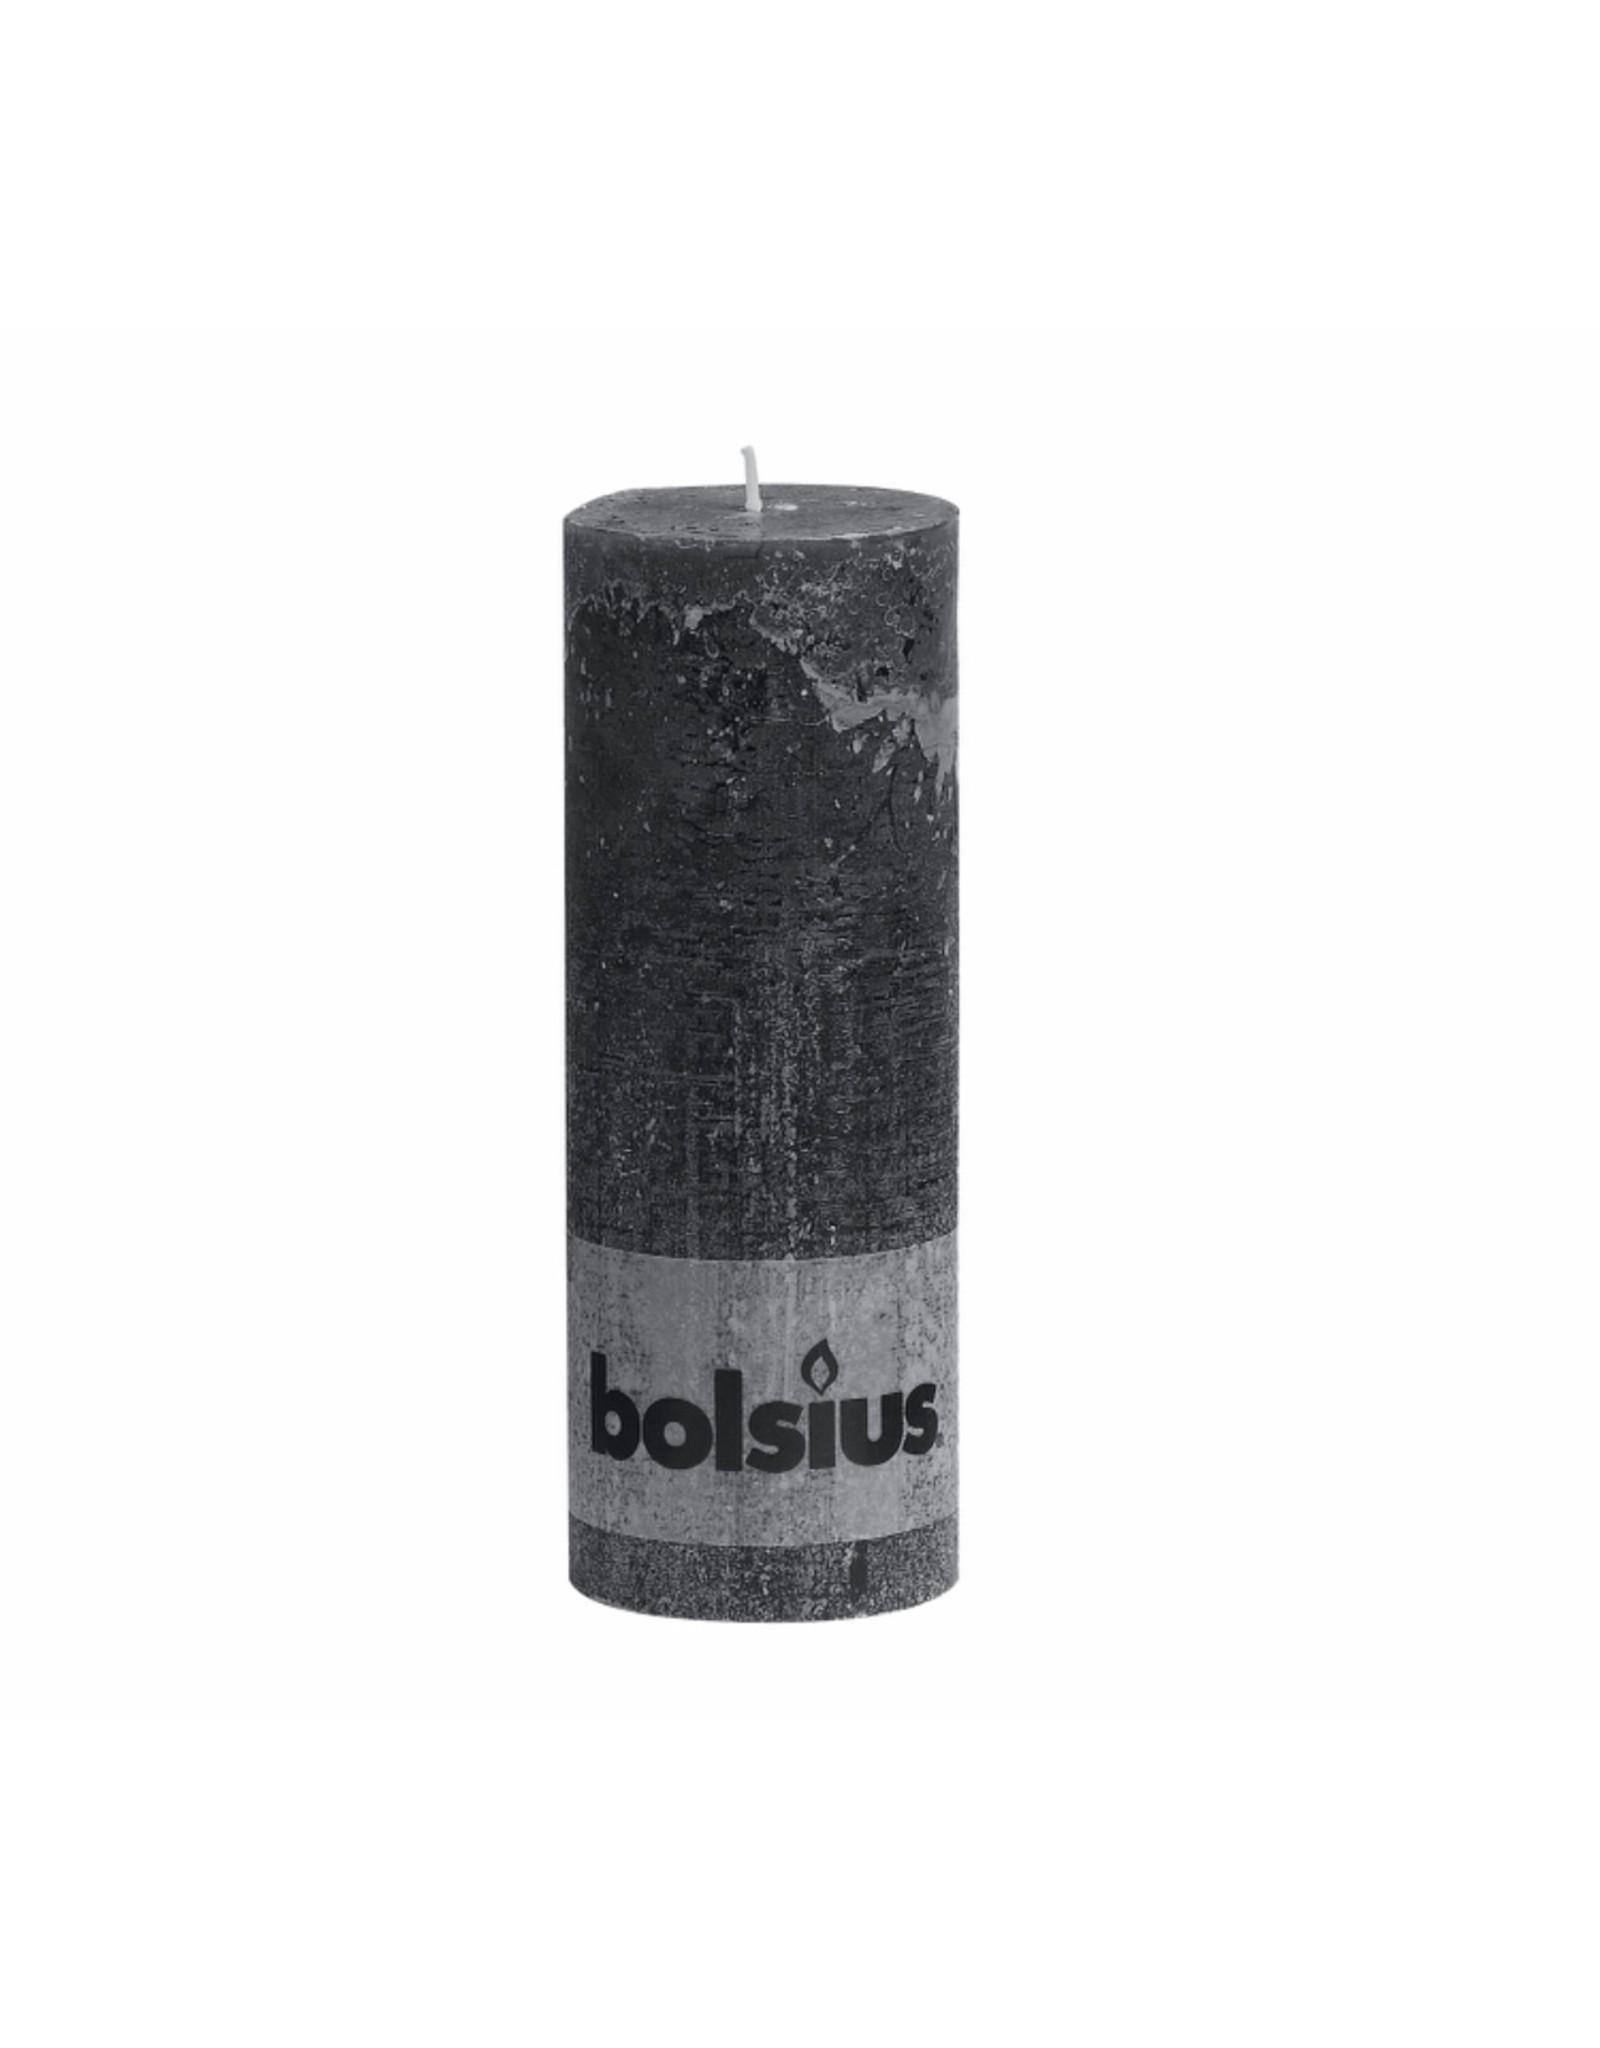 BOLSIUS RUSTIEKE 6.8X19 ANTRC